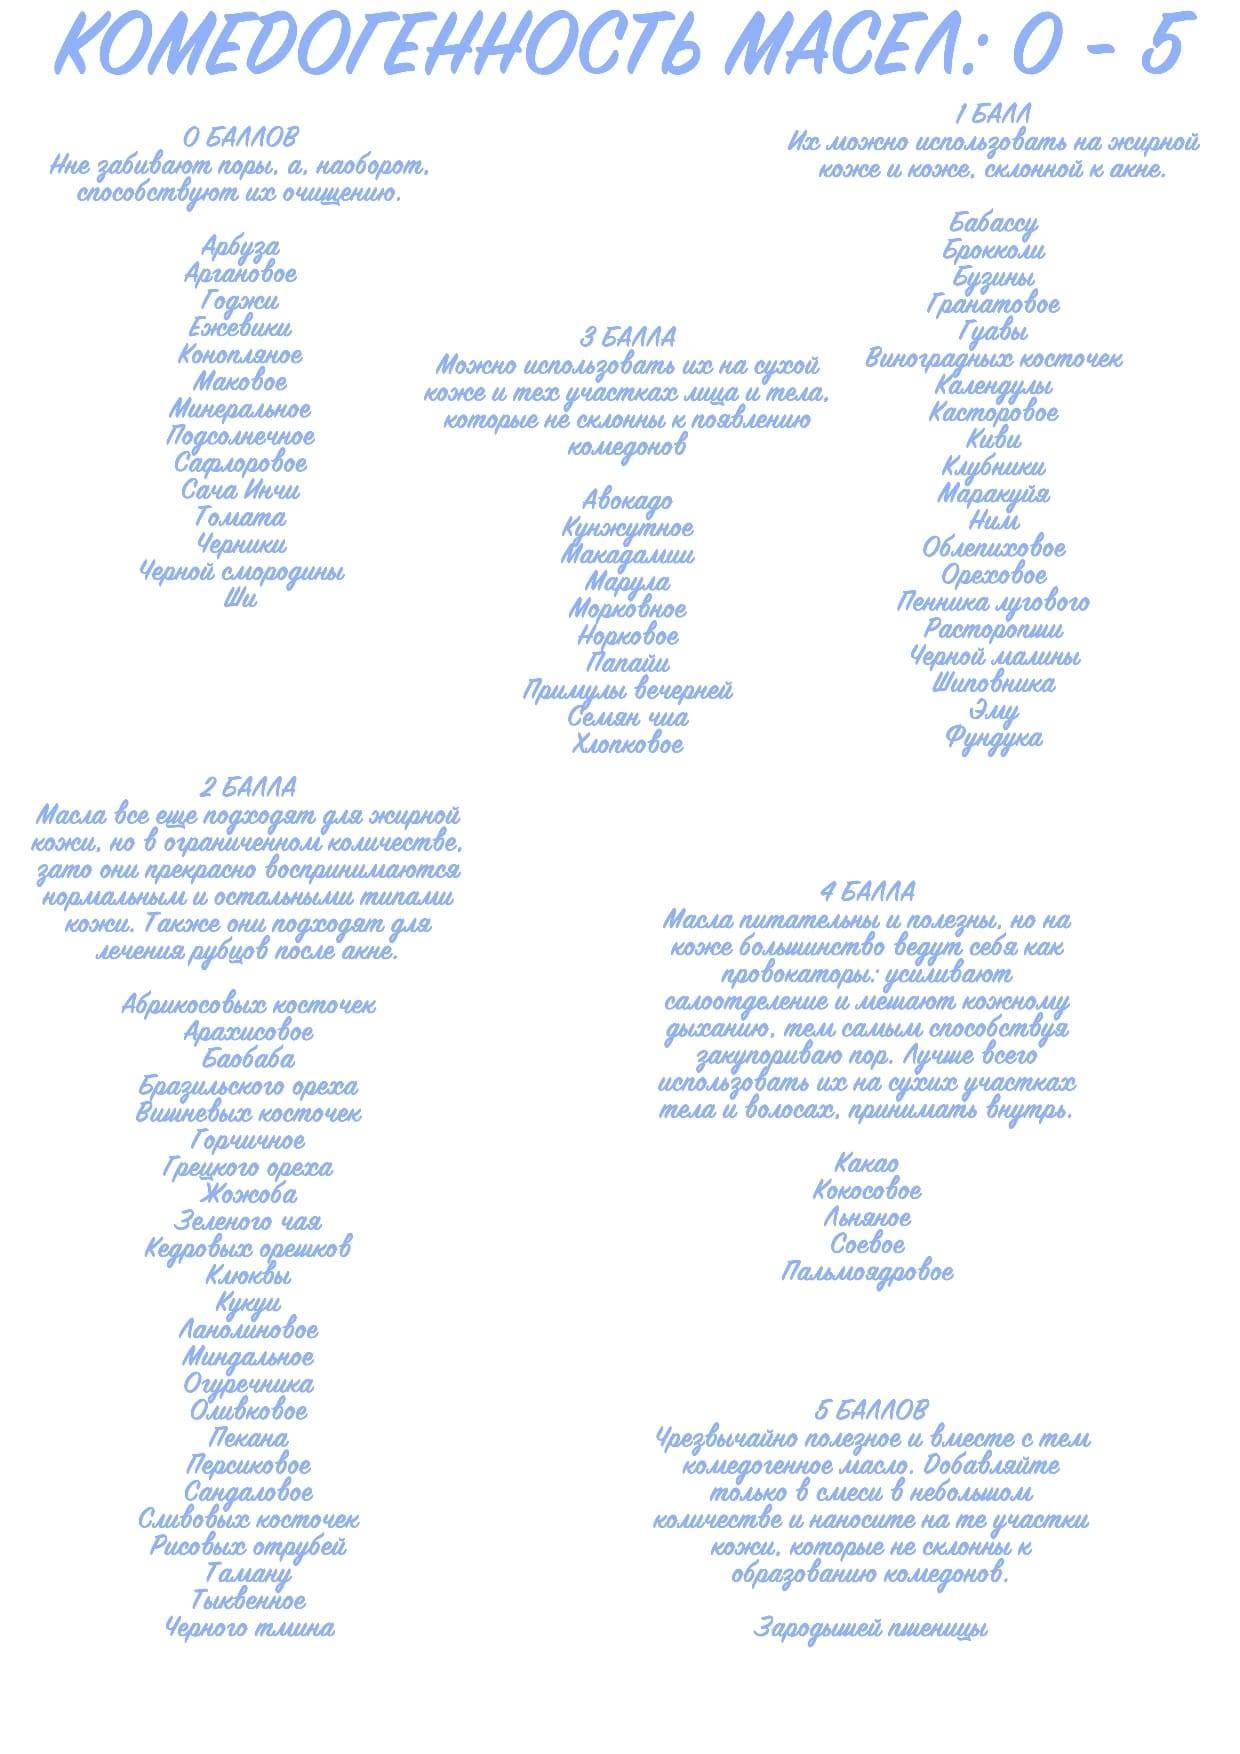 Комедогенные ингредиенты в косметике: все очень сложно и очень индивидуально